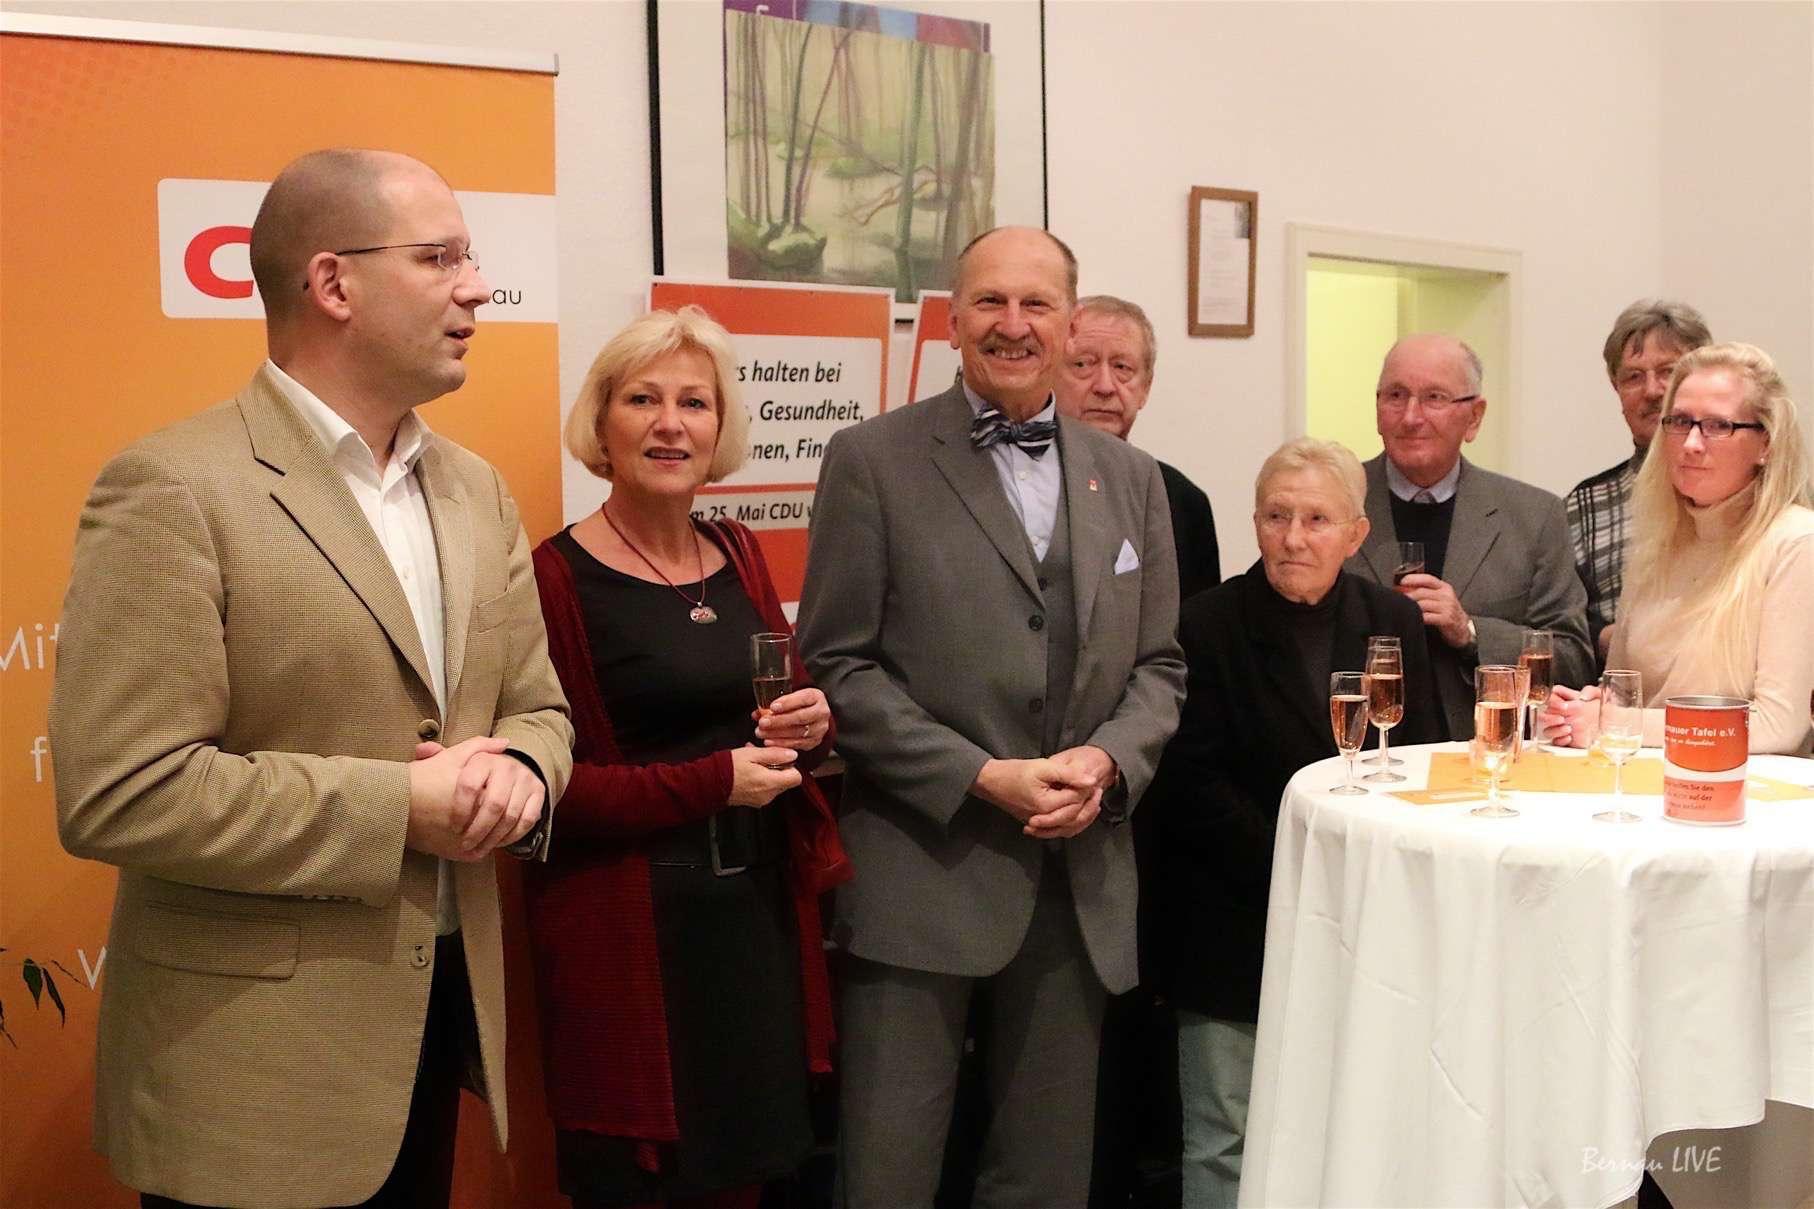 CDU Bernau: Mit einem Glas Sekt in der Hand zum Neujahrsempfang ...